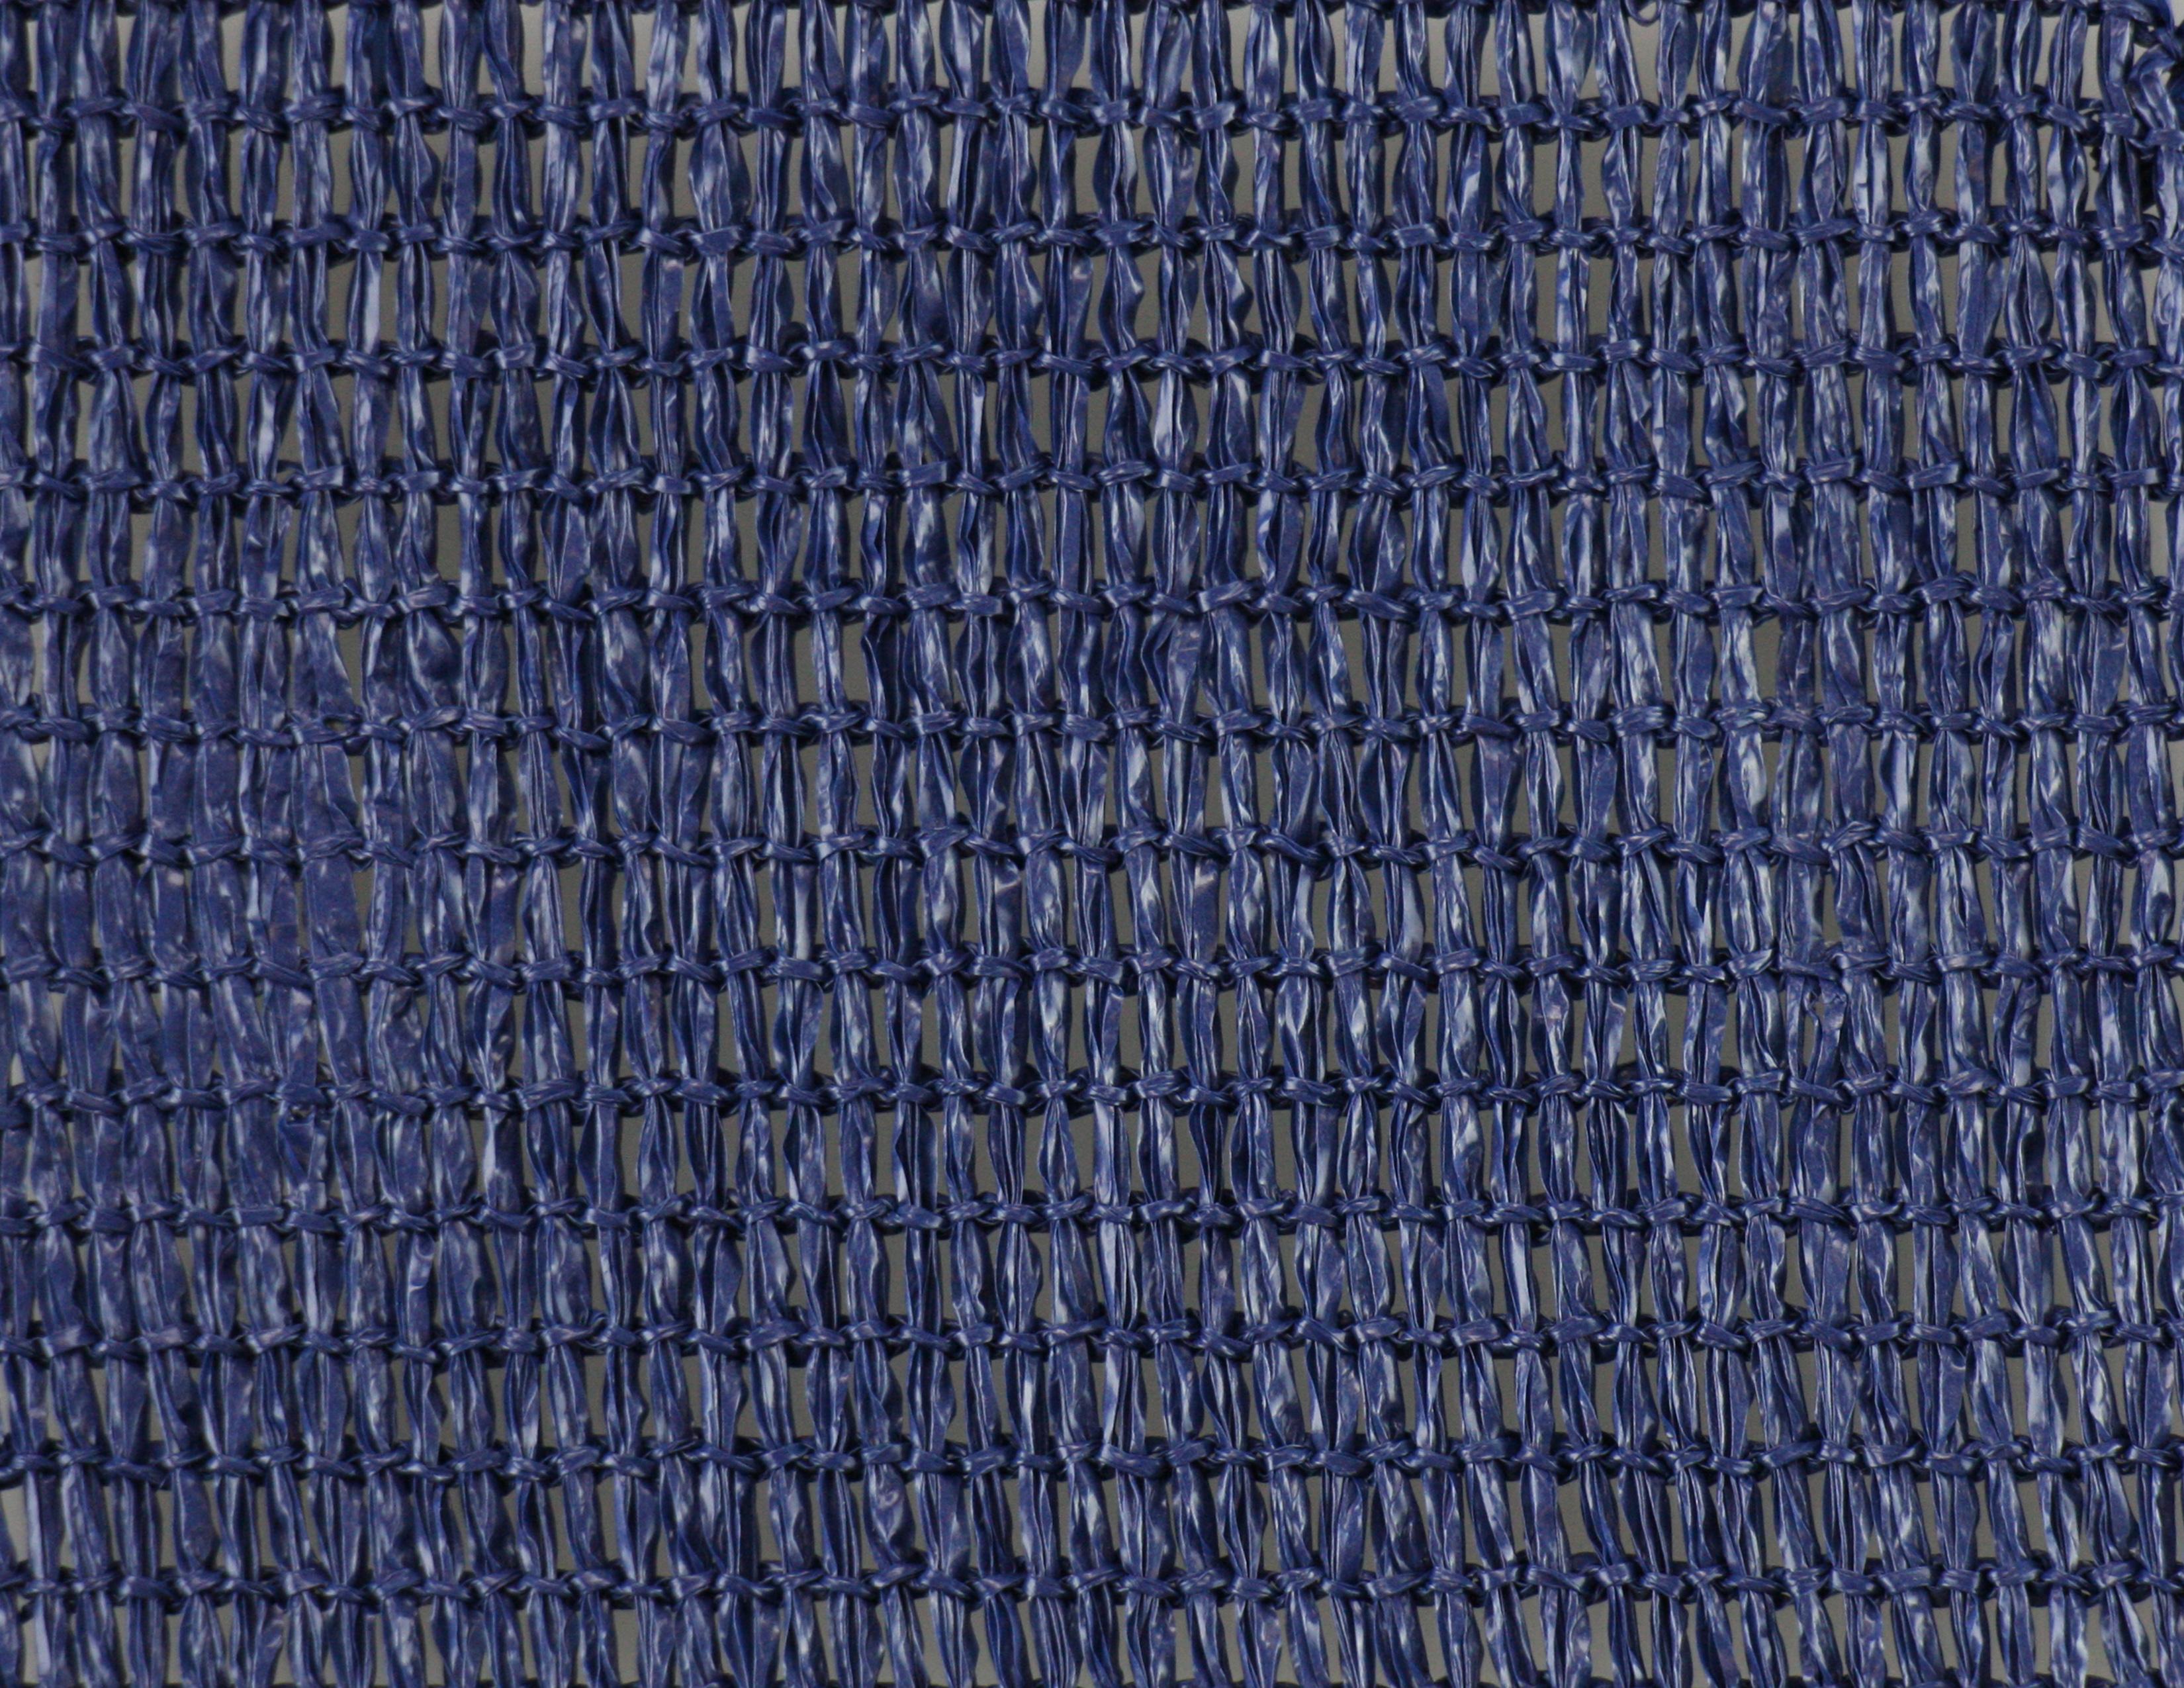 1 Austronet Dark Blue